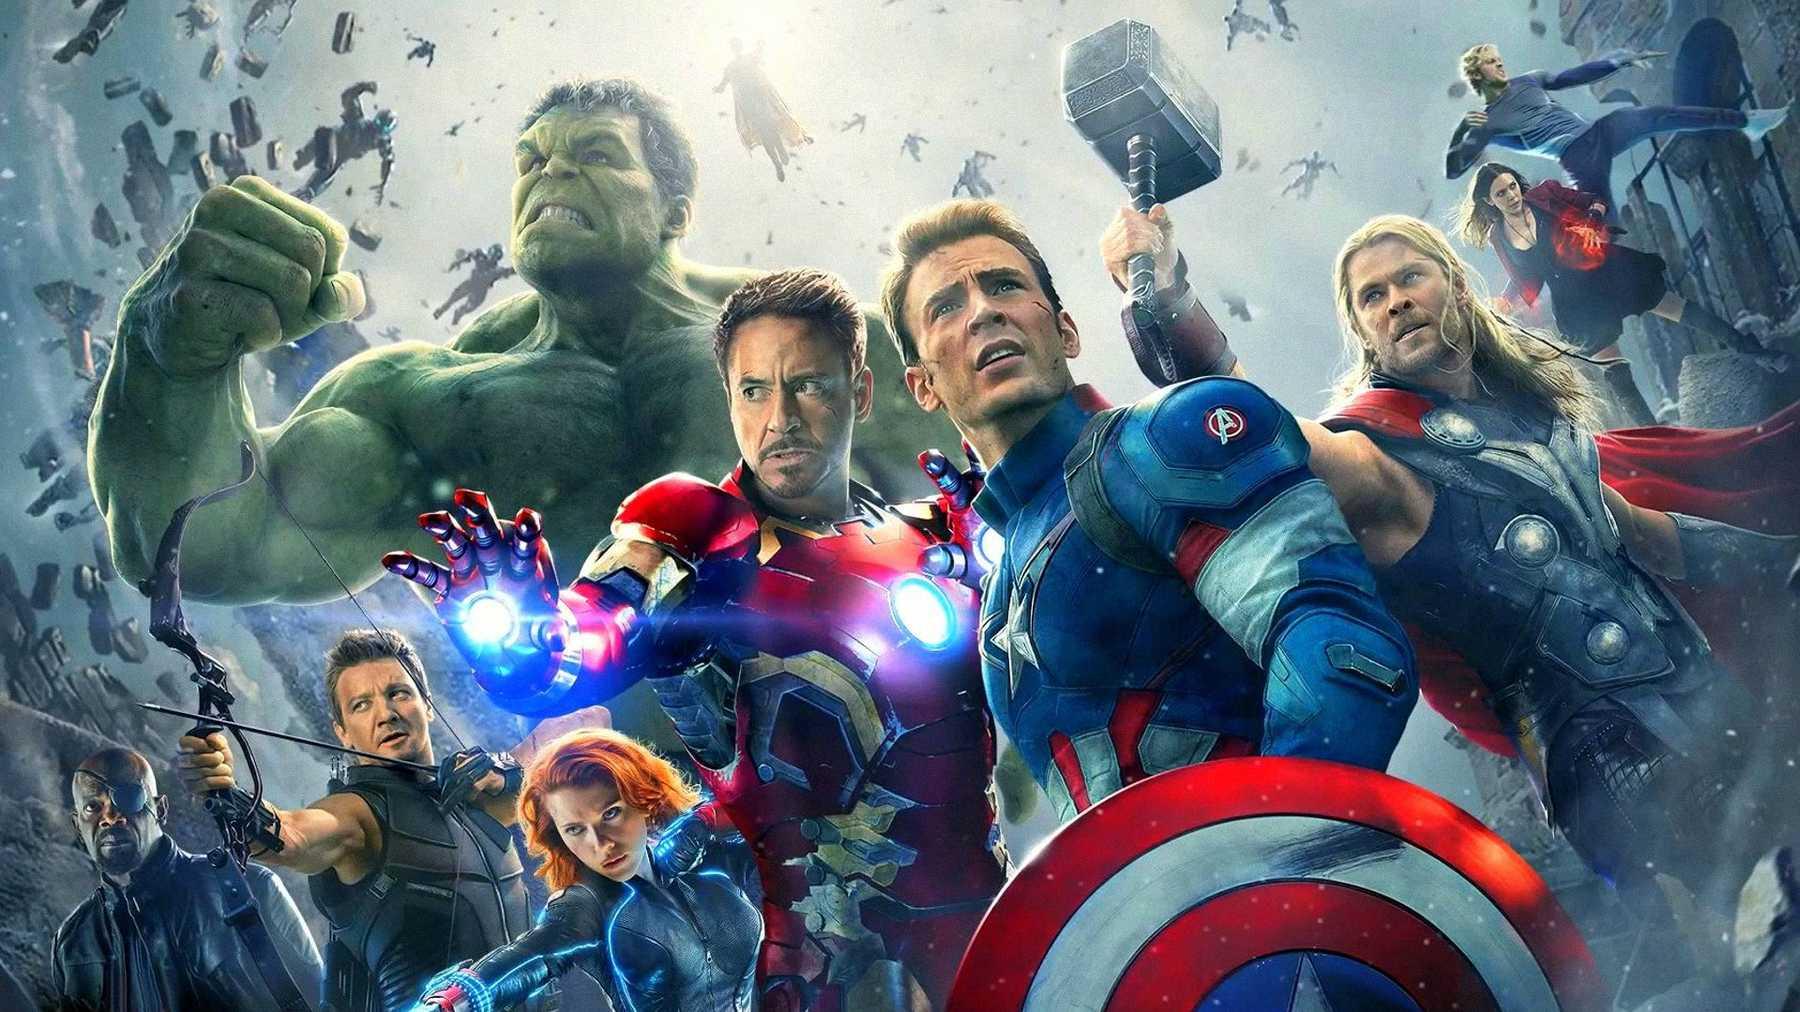 Avengers: Czas Ultrona - QUIZ dla fanów MCU. Czy wiesz wszystko o filmie komiksowym?